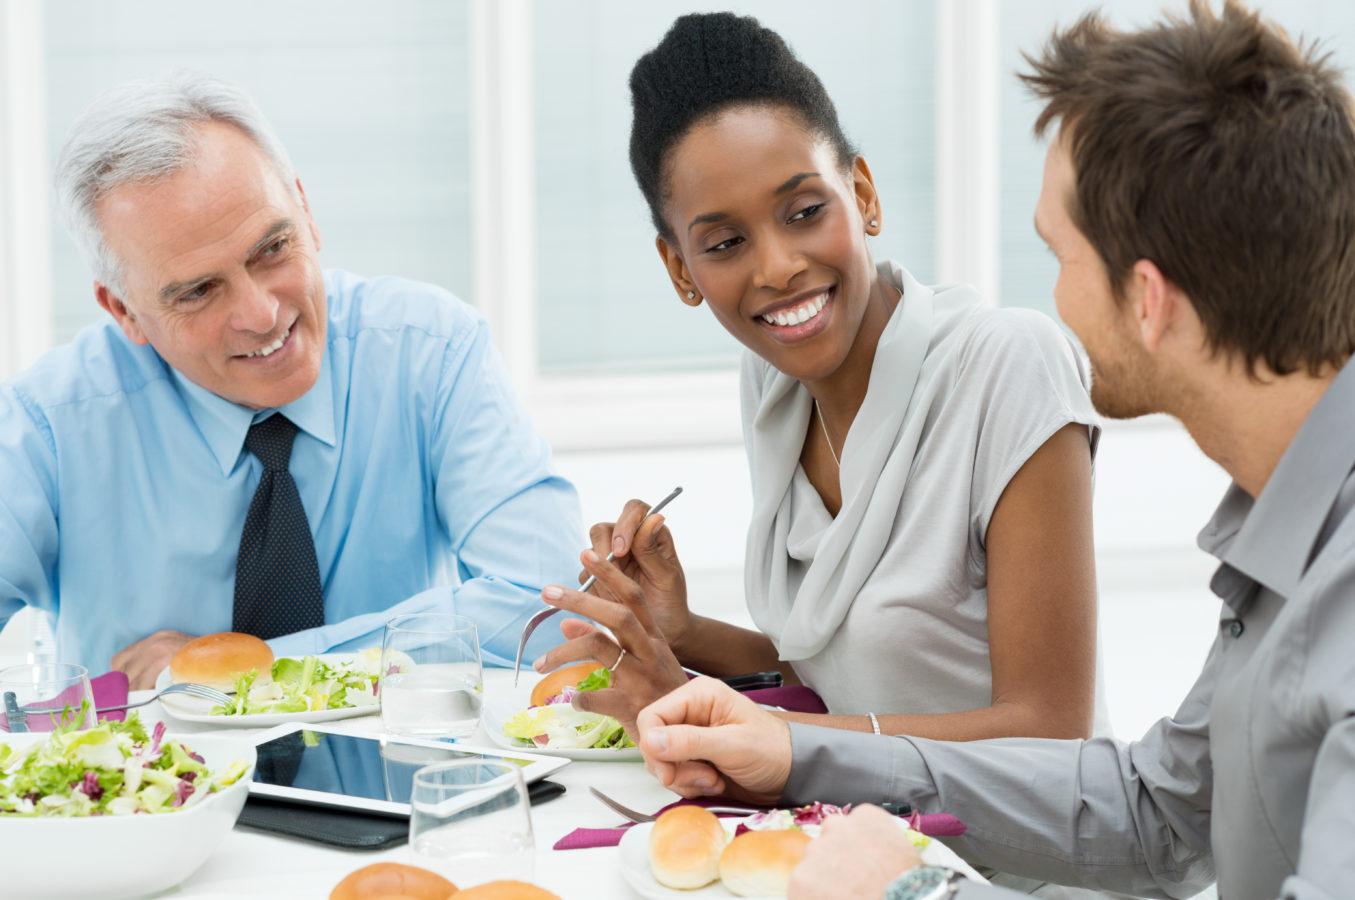 Comment gérer un déjeuner d'affaire?